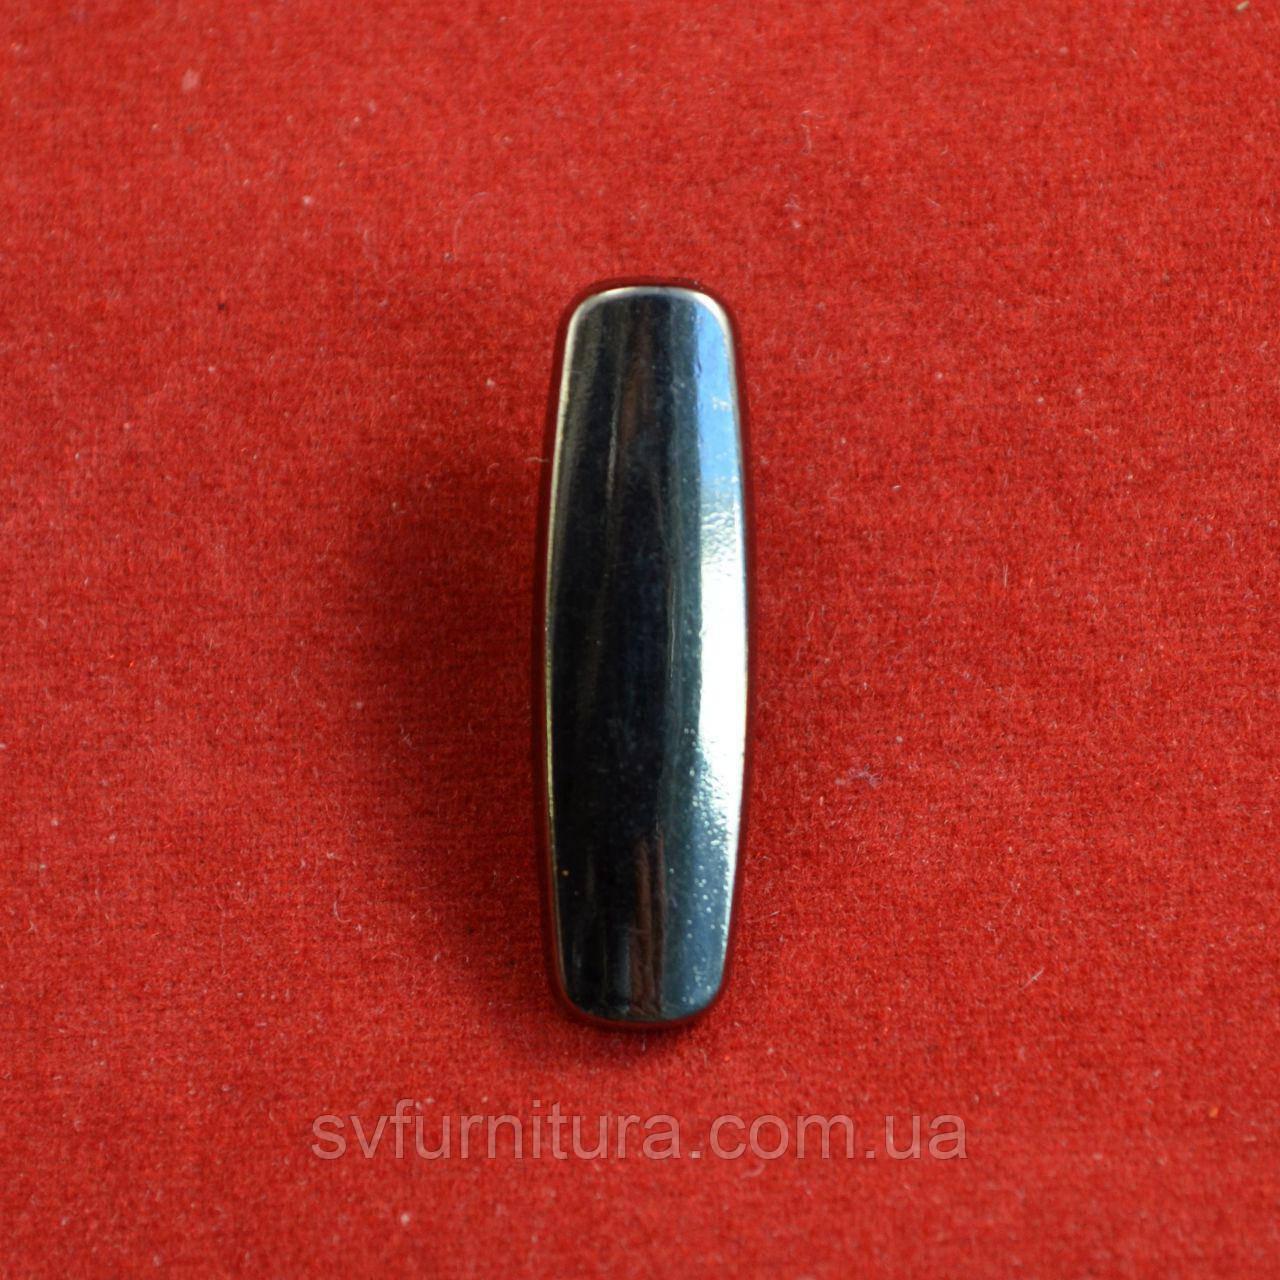 Кнопка А 14807 нікель